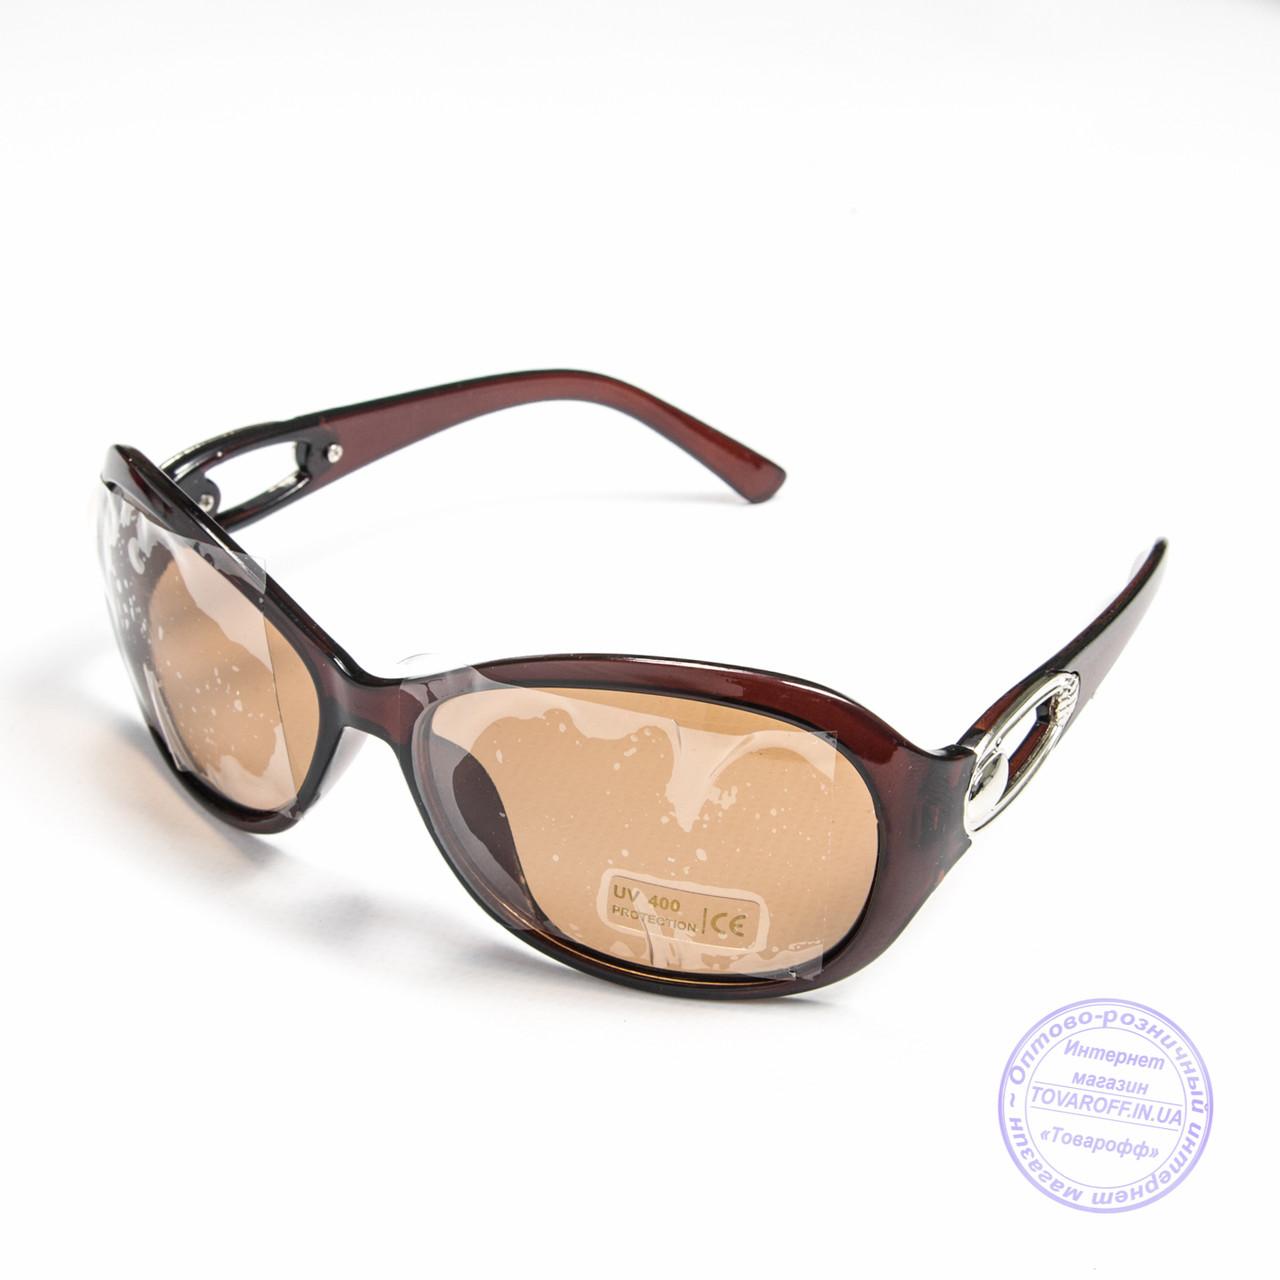 Розпродаж поляризаційних окулярів оптом - Коричневі - 9026